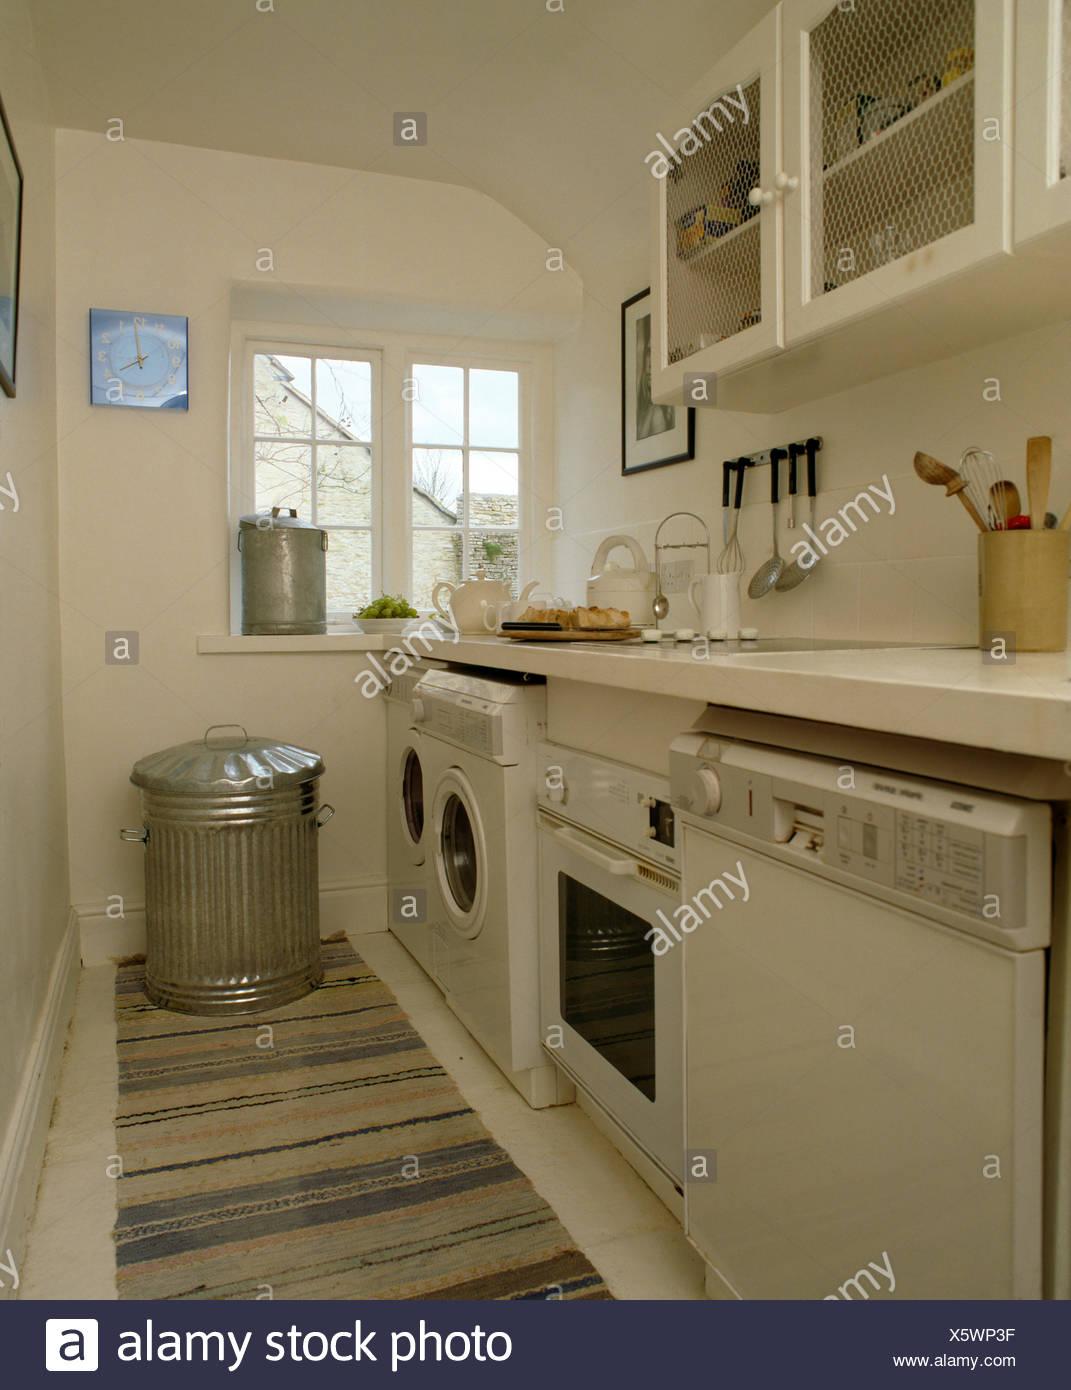 Geschirrspuler Und Backofen Mit Waschmaschine In Zeile Der Gerate In